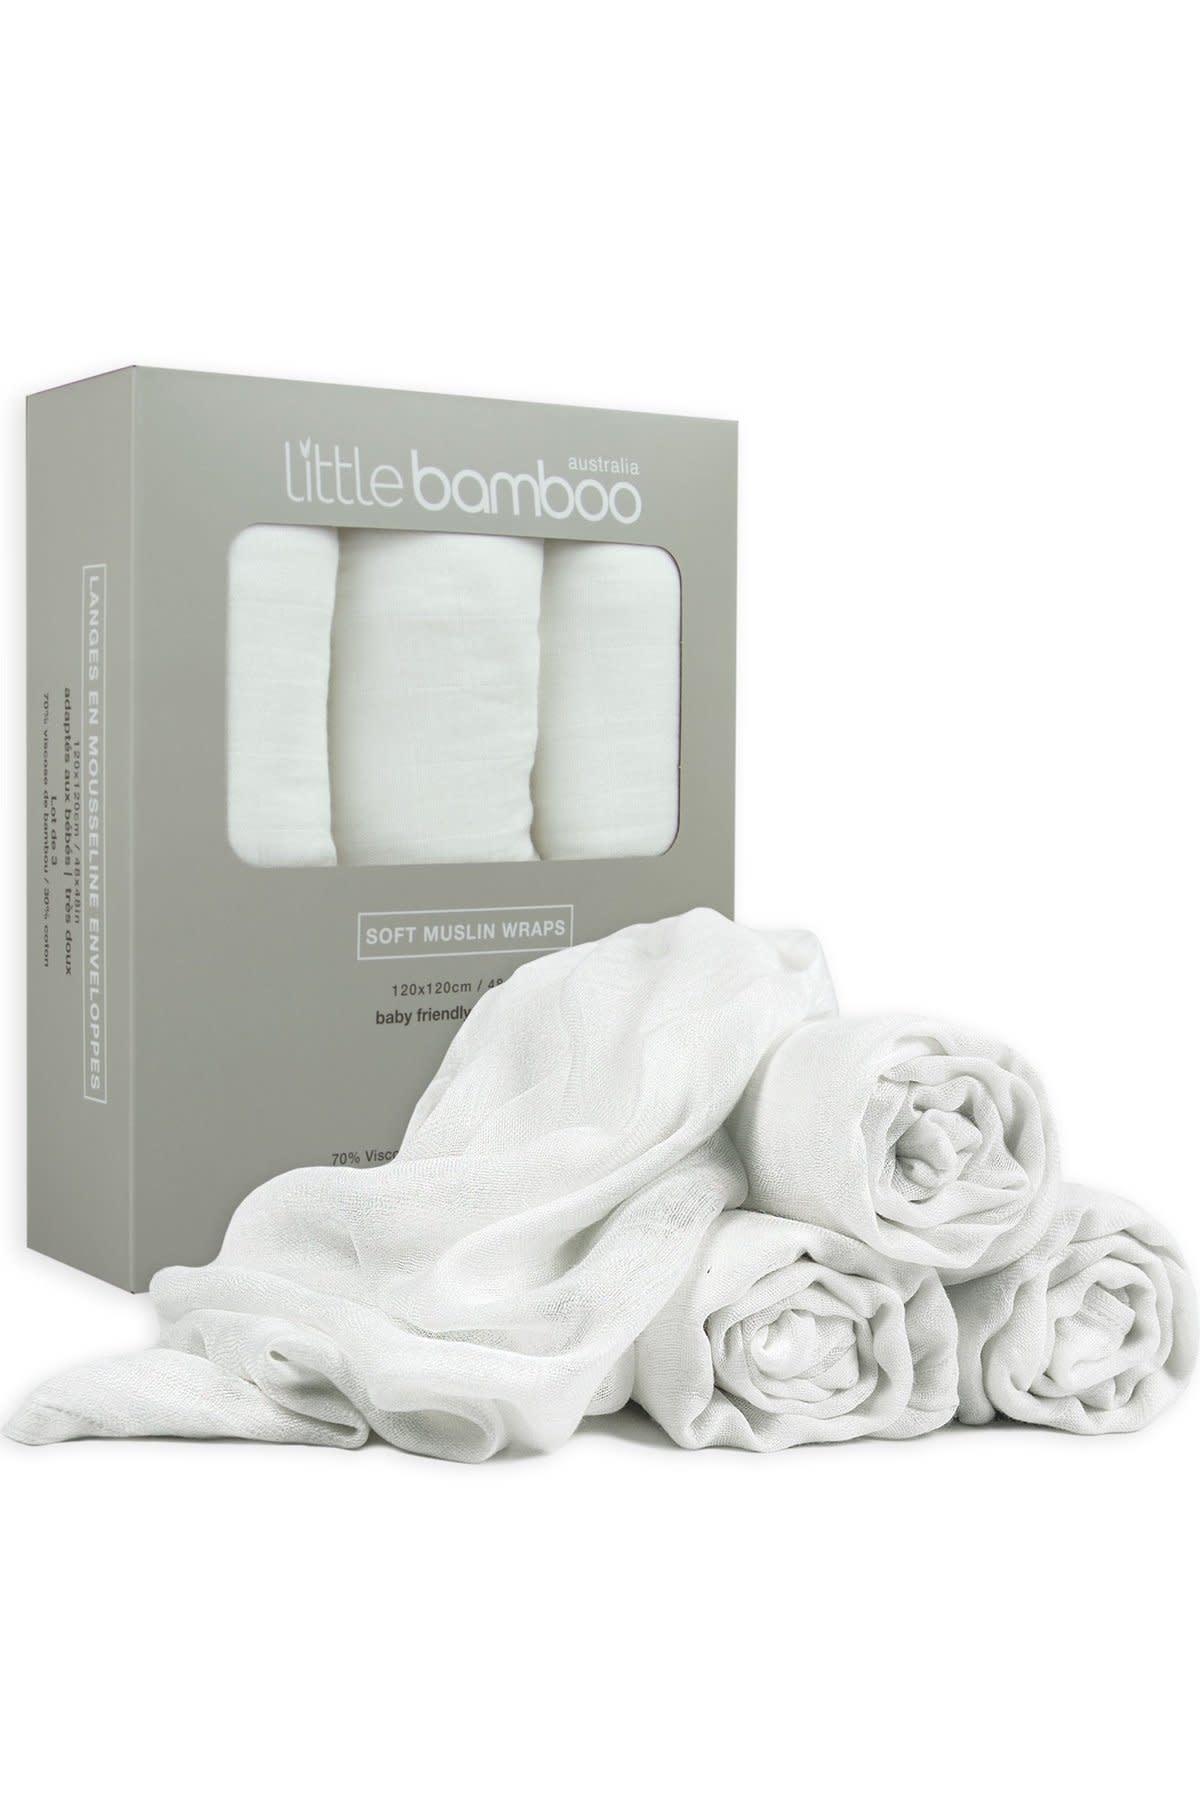 Little Bamboo Little Bamboo Muslin Wraps - 3 Pack